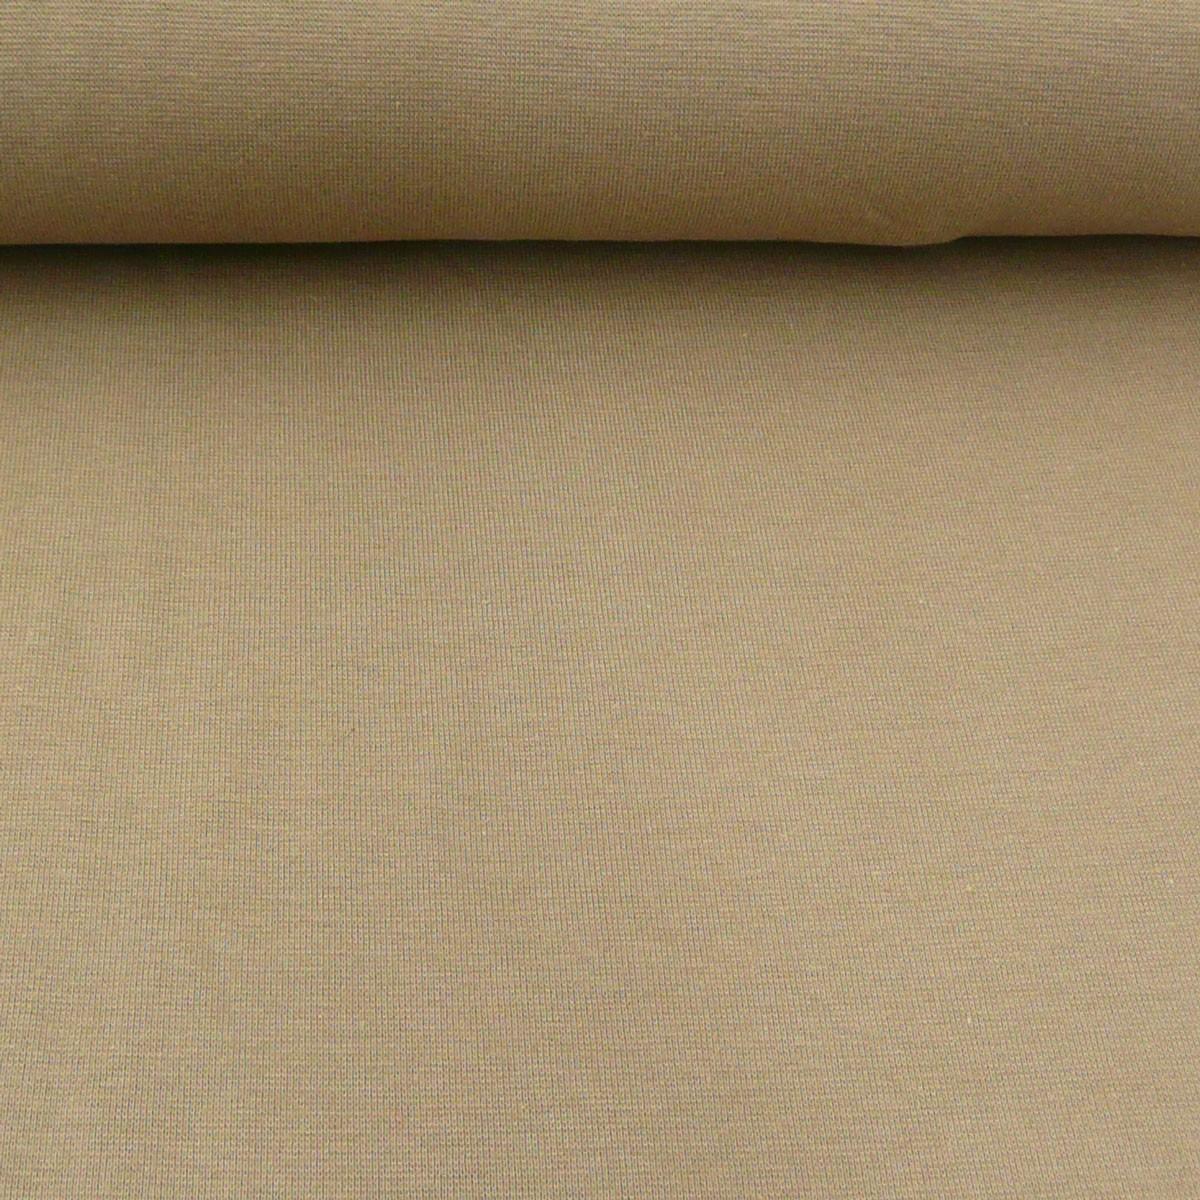 Kreativstoff Strickschlauch Bündchenstoff fein braun camel 37cm Breite